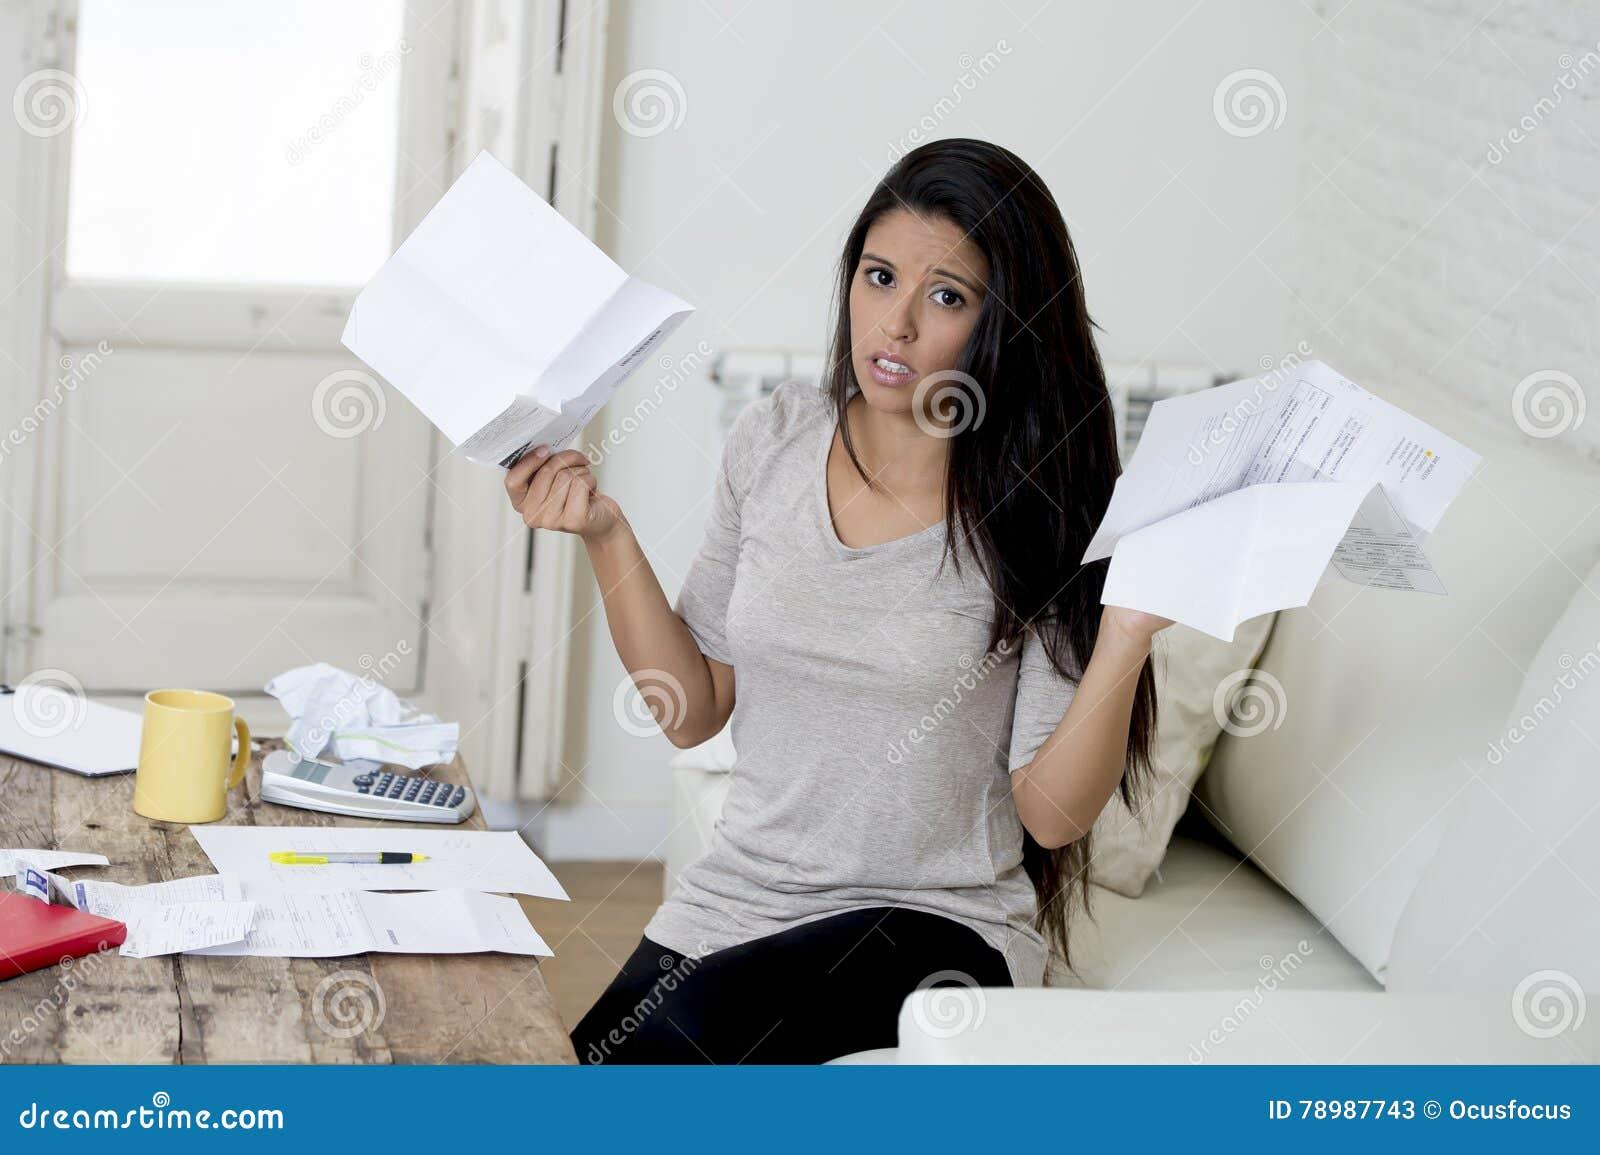 Il giovane strato latino attraente del salone della donna a casa che calcola le spese mensili si è preoccupato nello sforzo